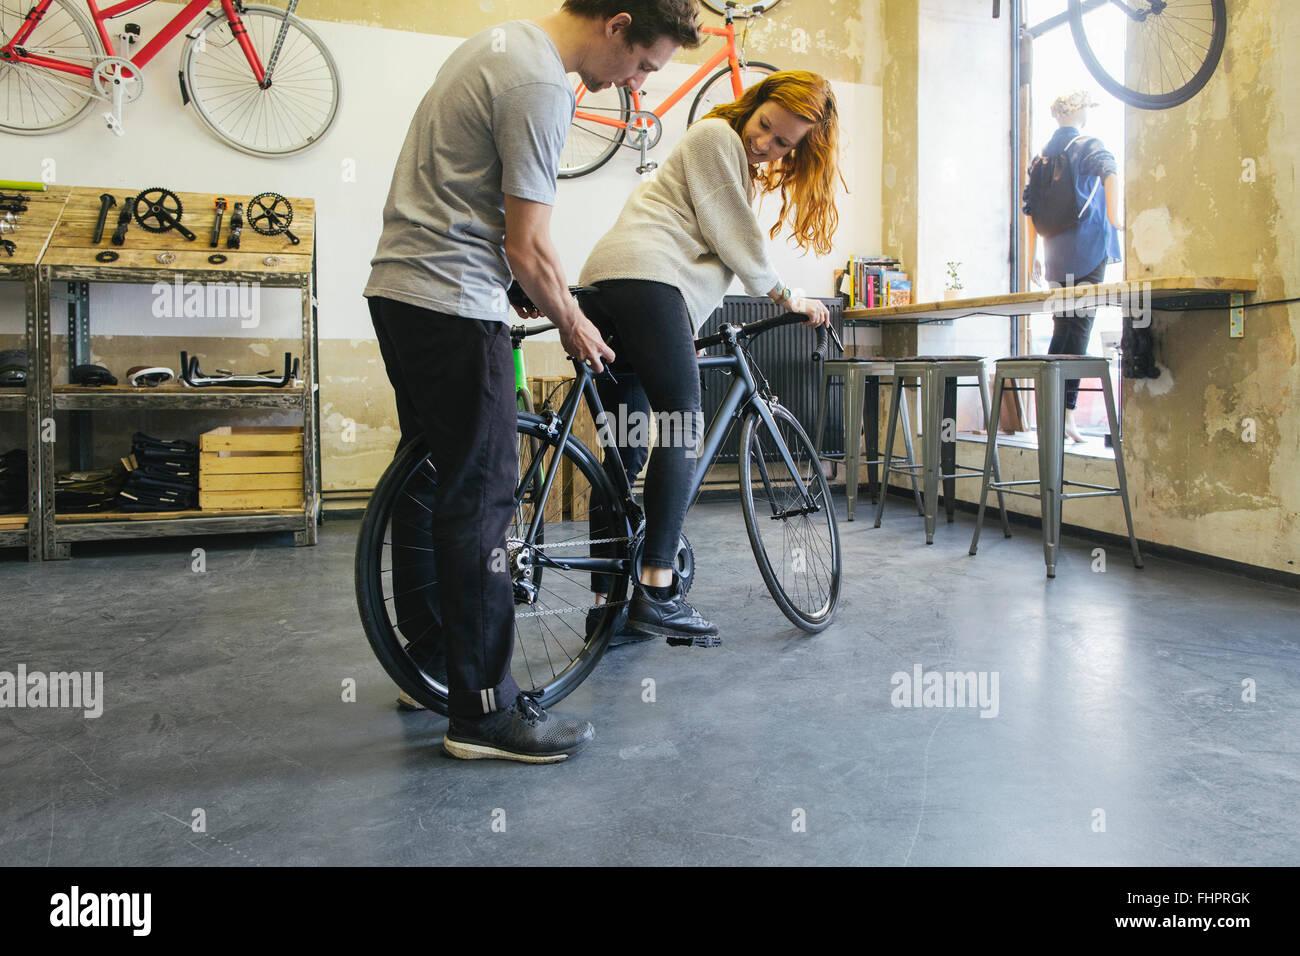 Verkäufer Beratung Client in ein maßgeschneidertes Fahrrad speichern Stockbild